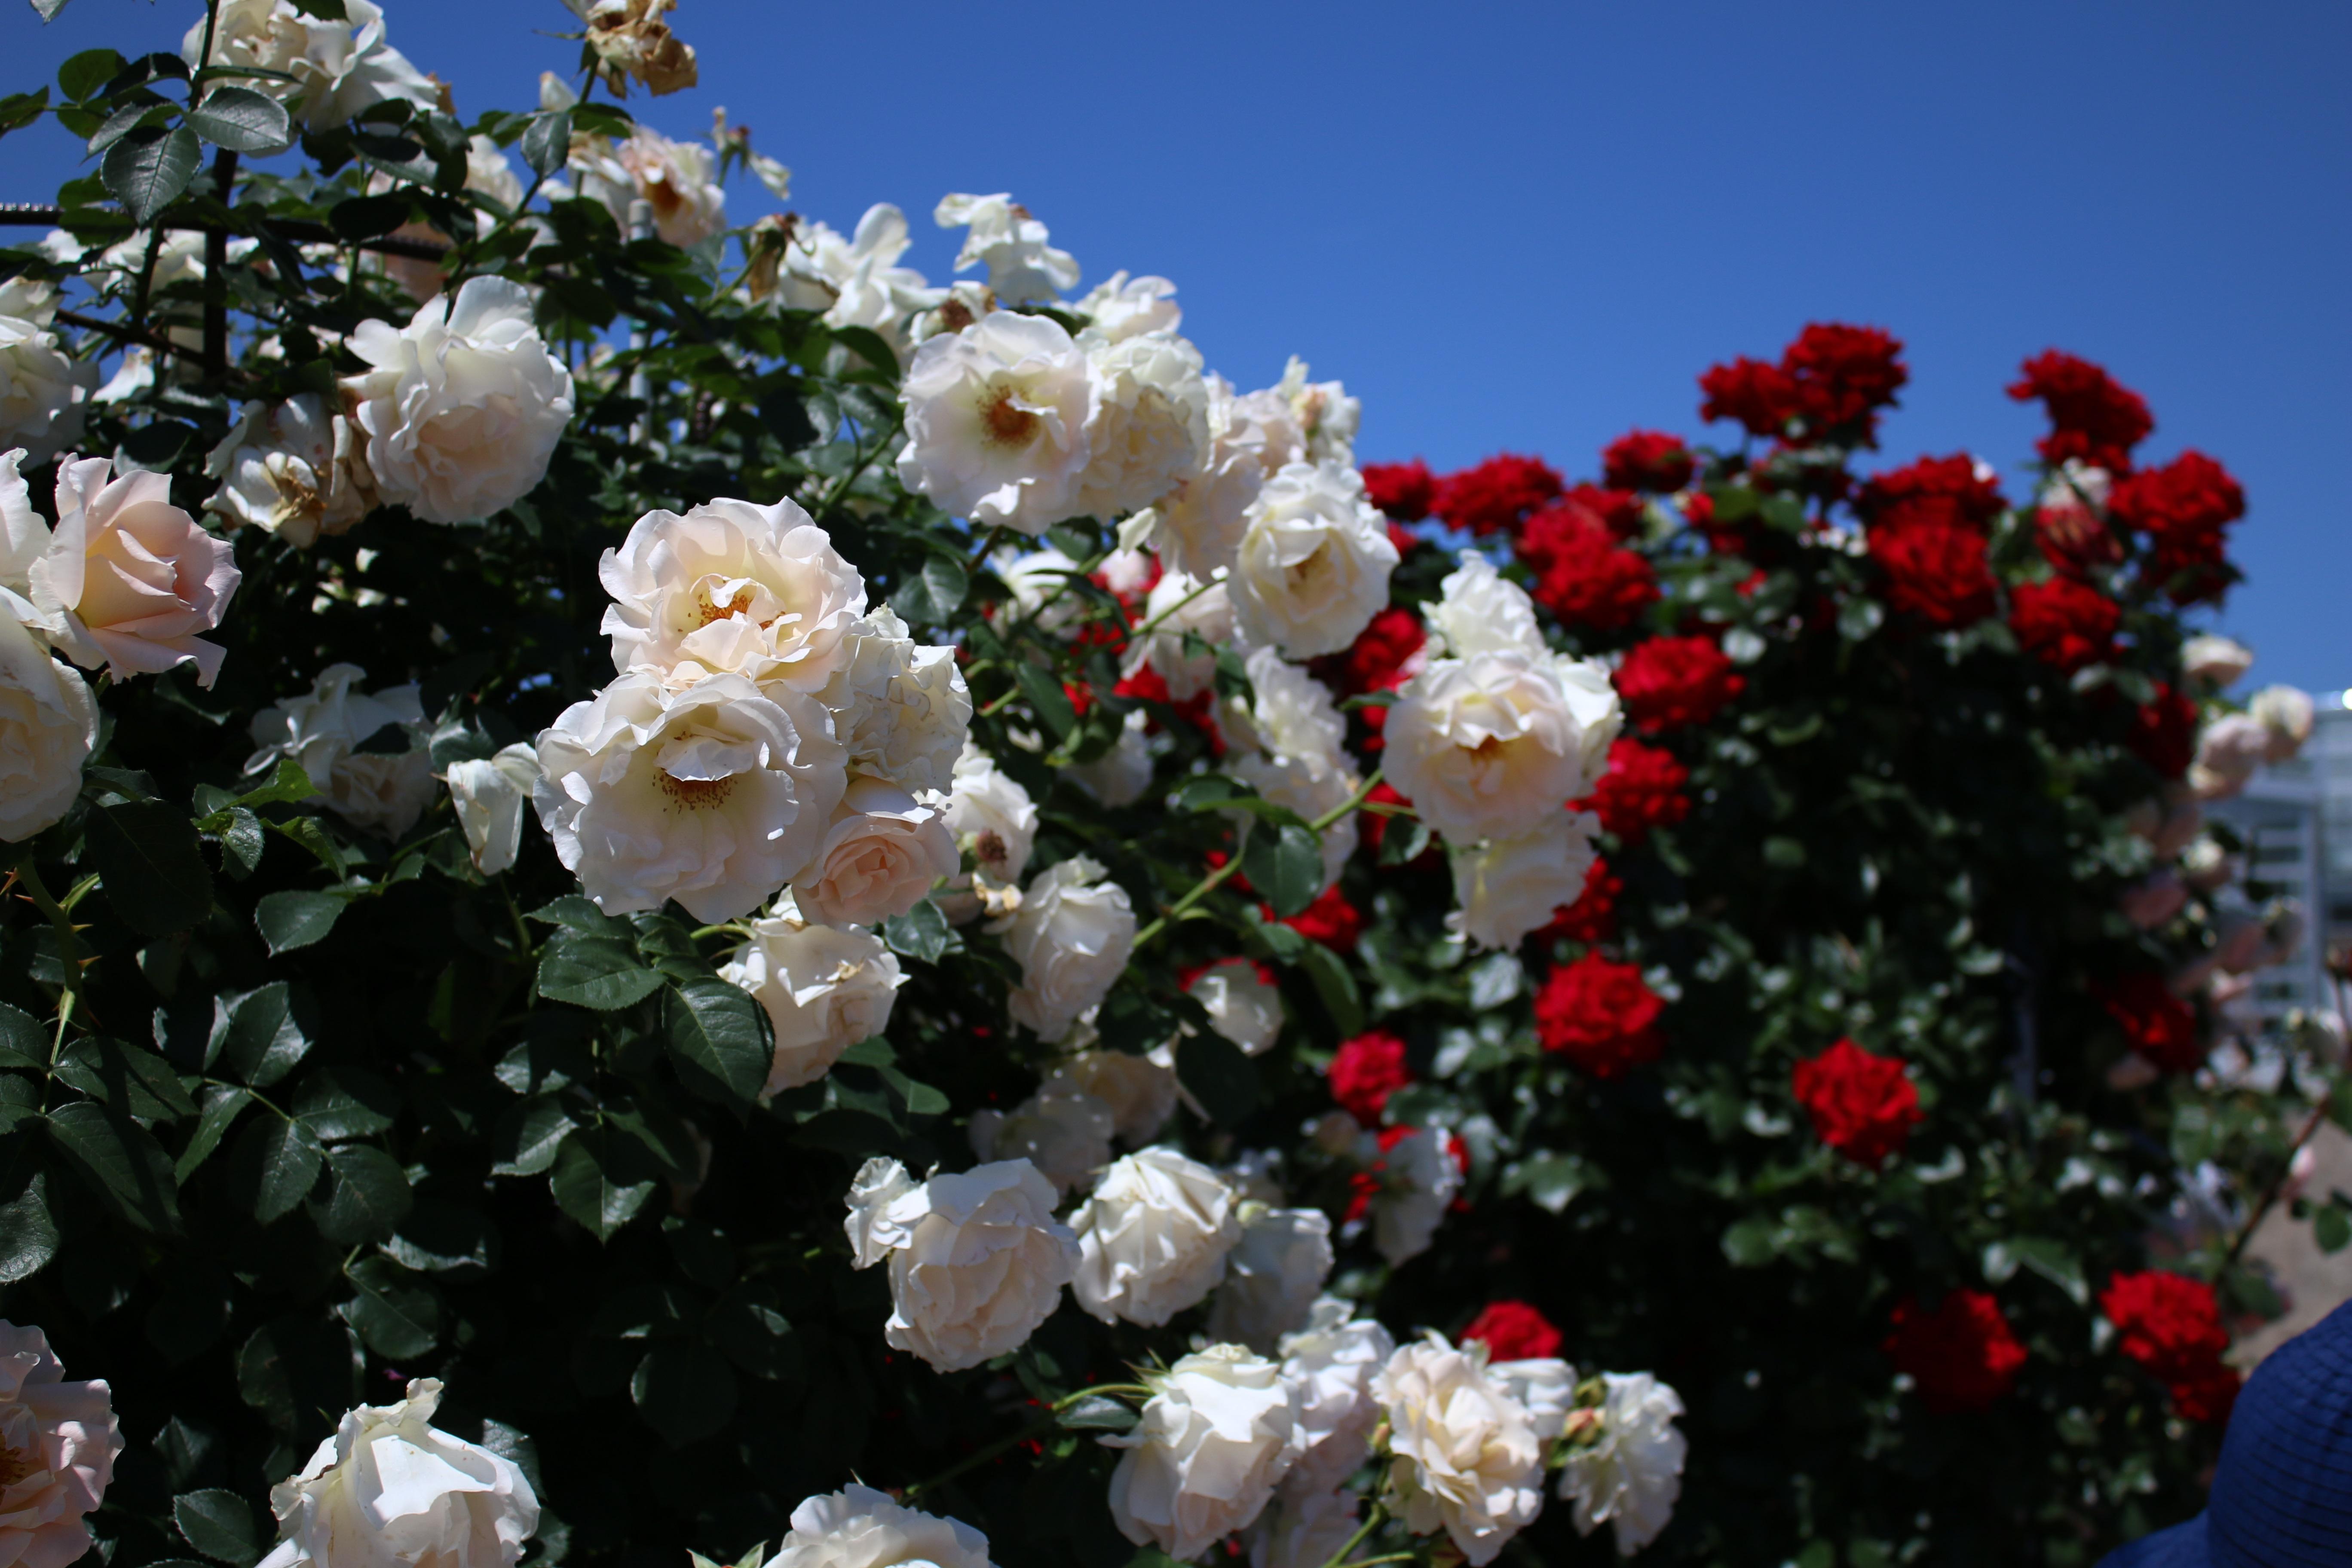 広々としたバラ園は視界を遮るものが少なく、青空とのコントラストを満喫できます。